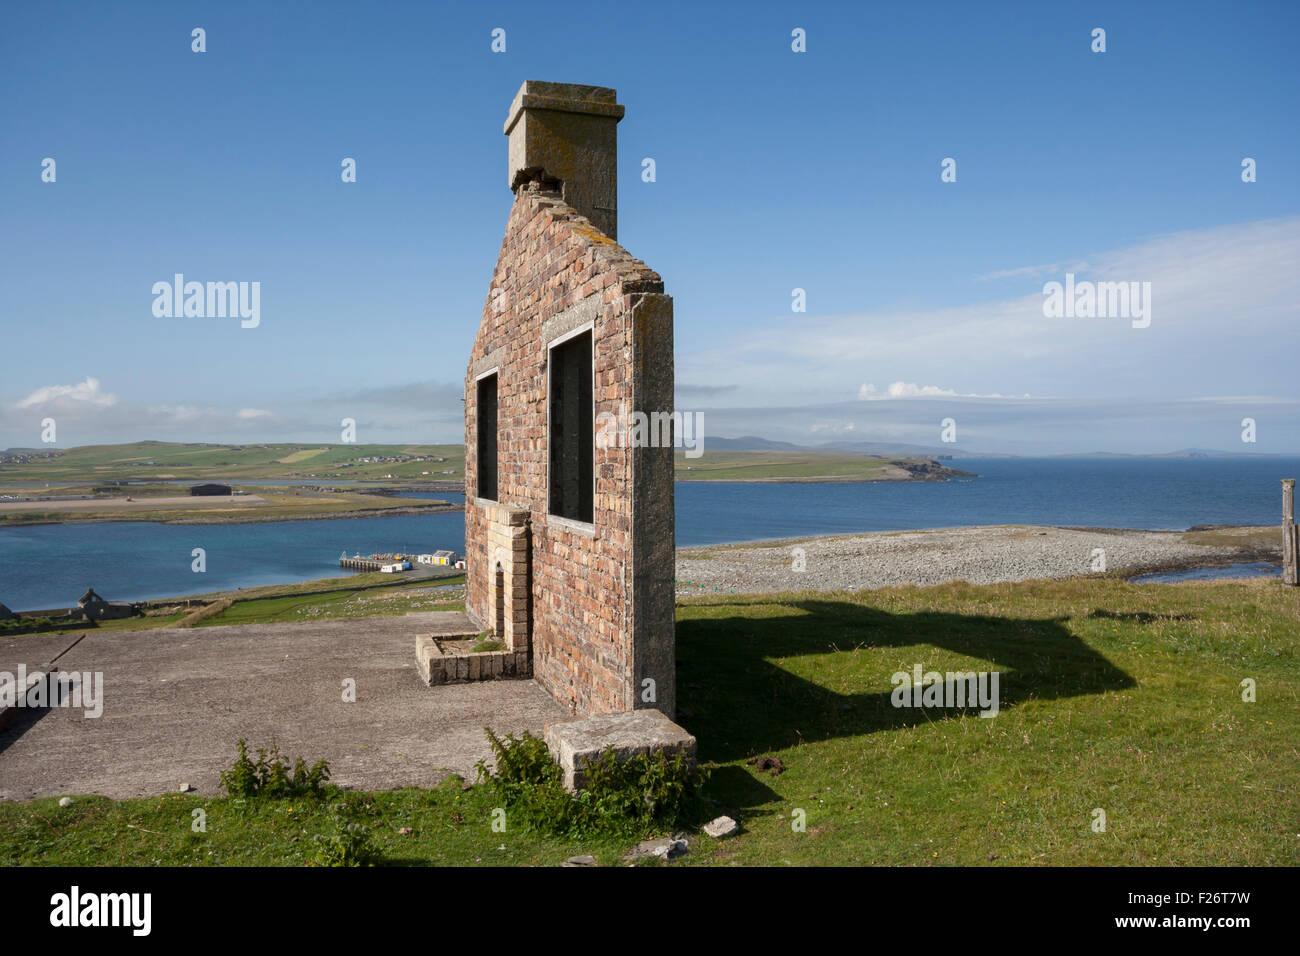 Half demolished house, Sumburgh, Shetland, Scotland, UK - Stock Image